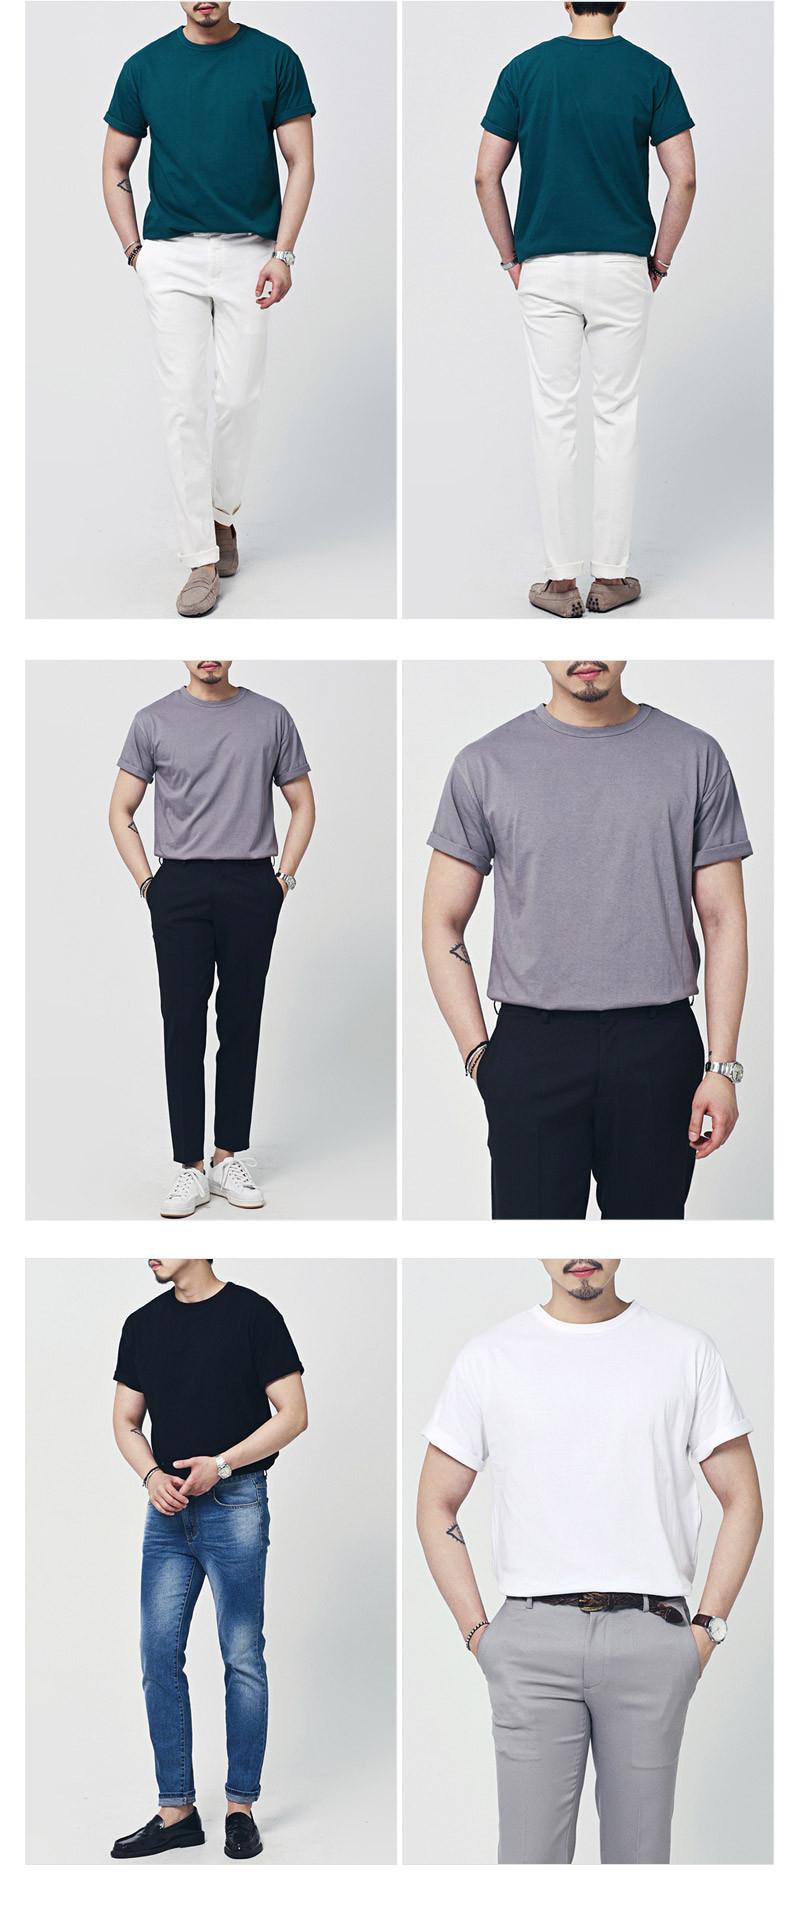 1 áo phông, 7 cách mặc quá sành, tiện anh em nên thử - 10